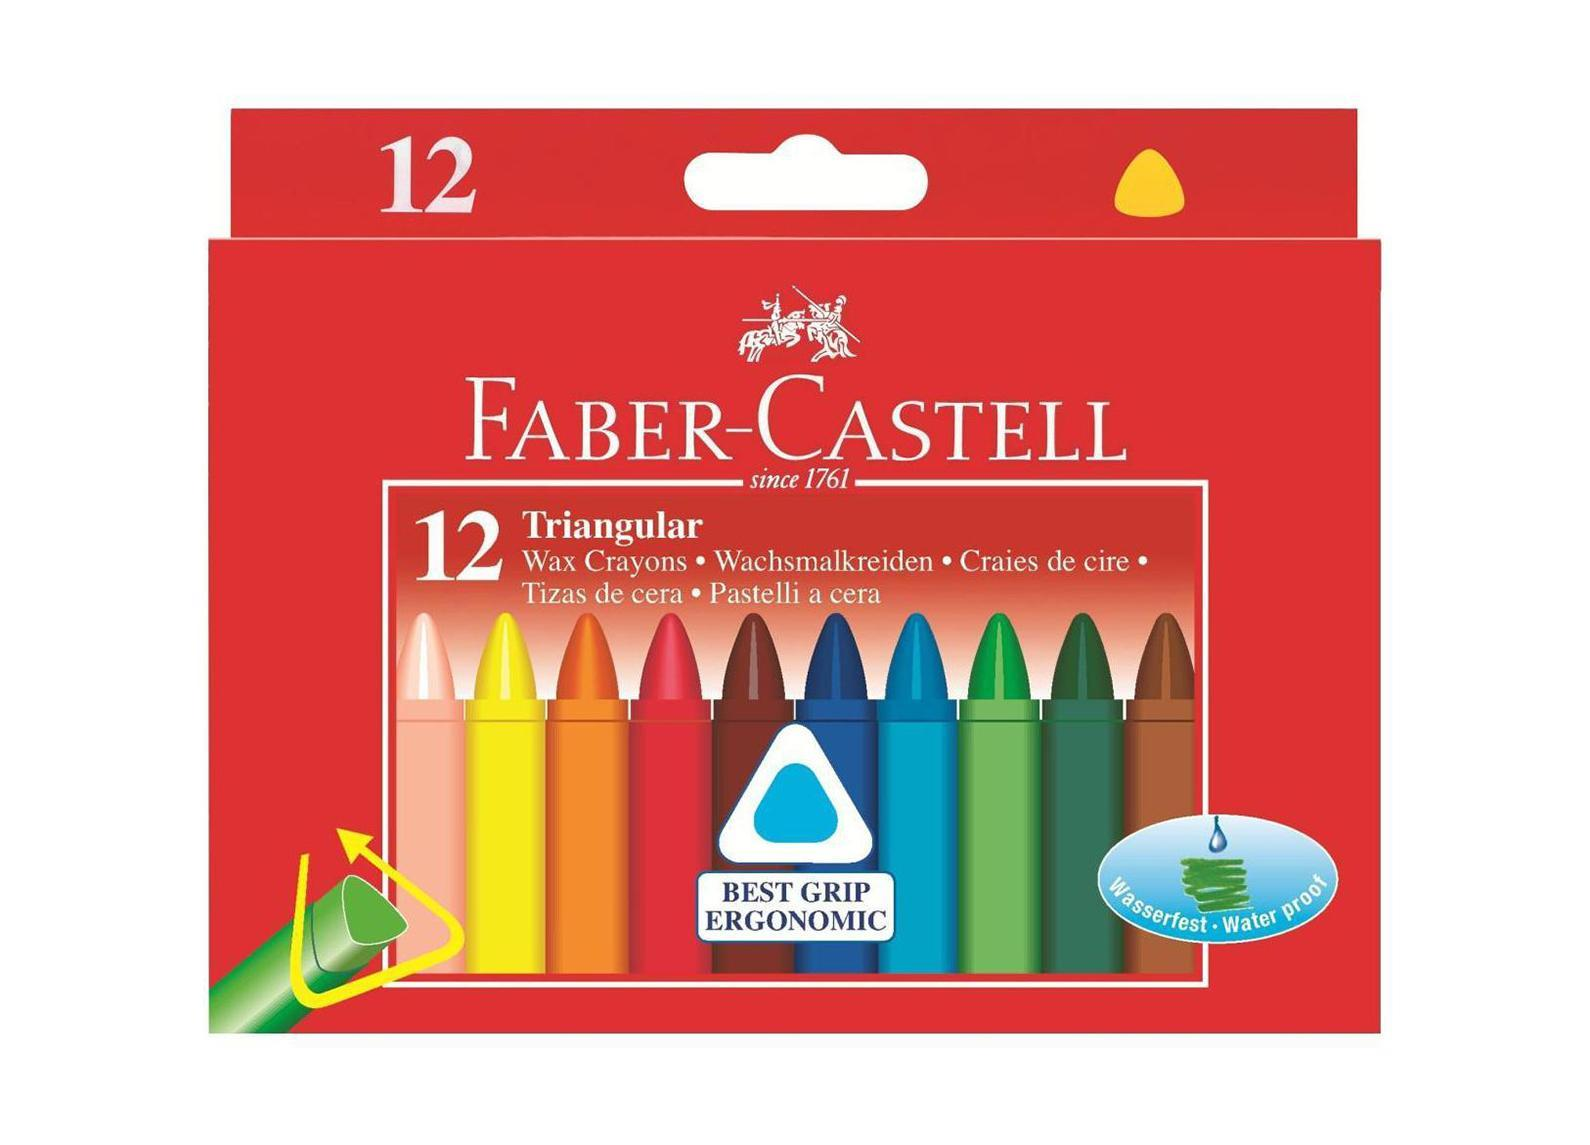 Трехгранные восковые карандаши TRIANGULAR, набор цветов, в картонной коробке, 12 шт. карандаши цветные bic бик kids tropicolors 2 набор 12 цветов в картонной упаковке